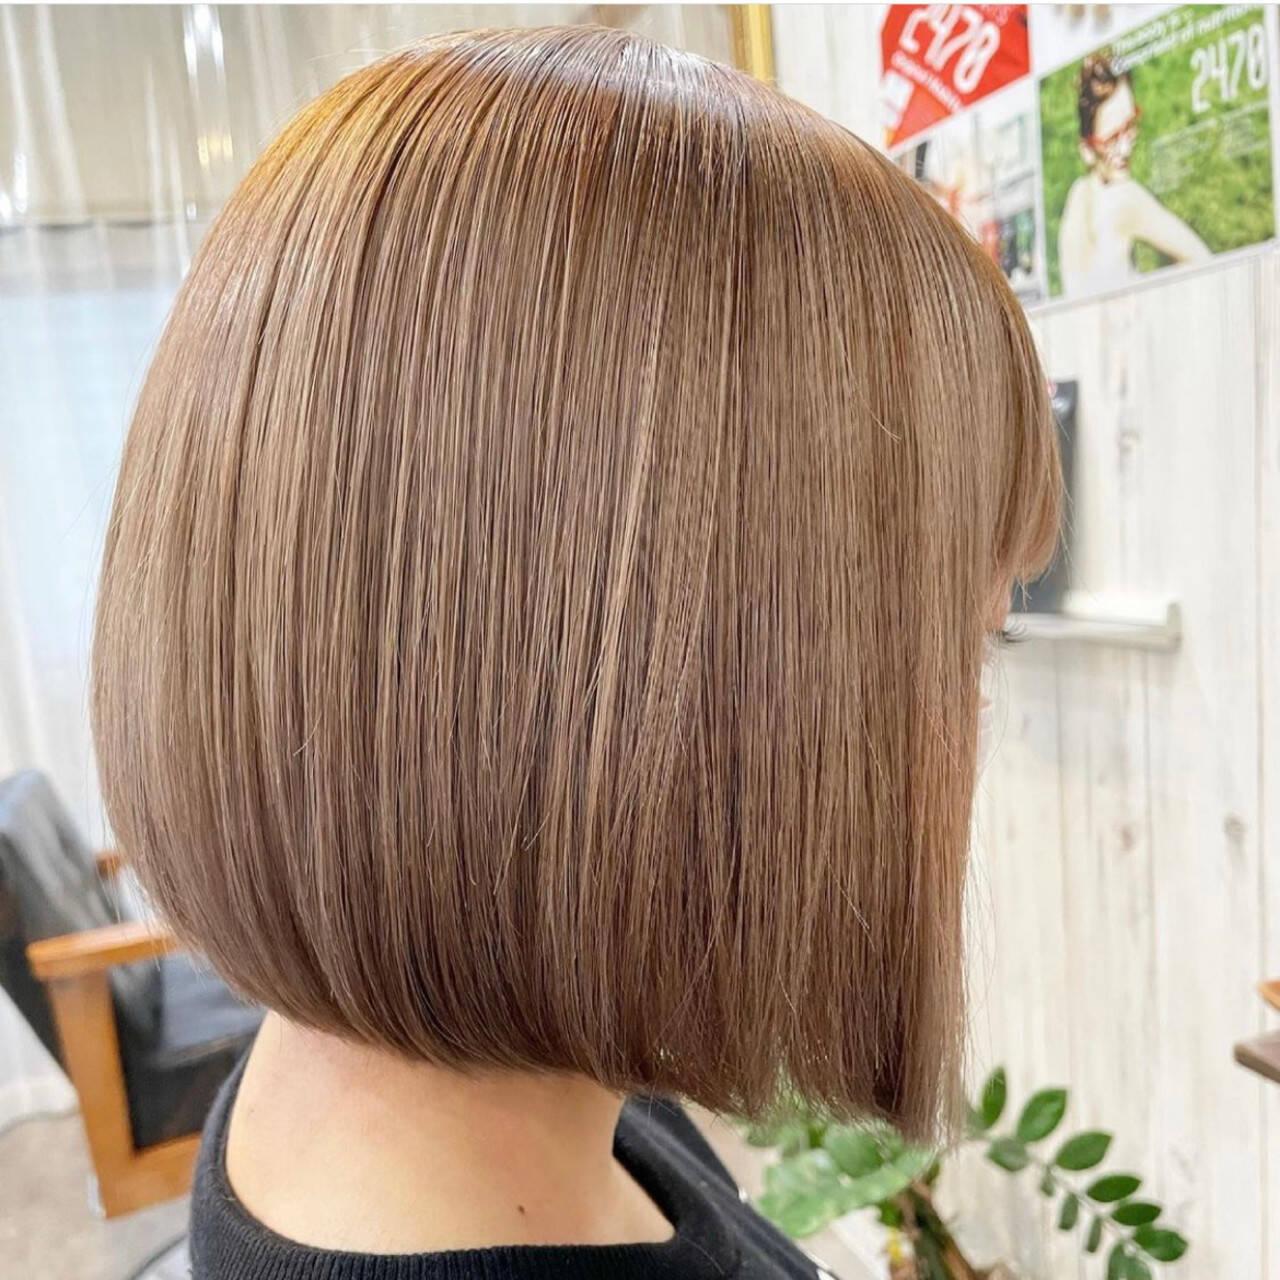 ボブ ミニボブ グレージュ ミルクティーベージュヘアスタイルや髪型の写真・画像